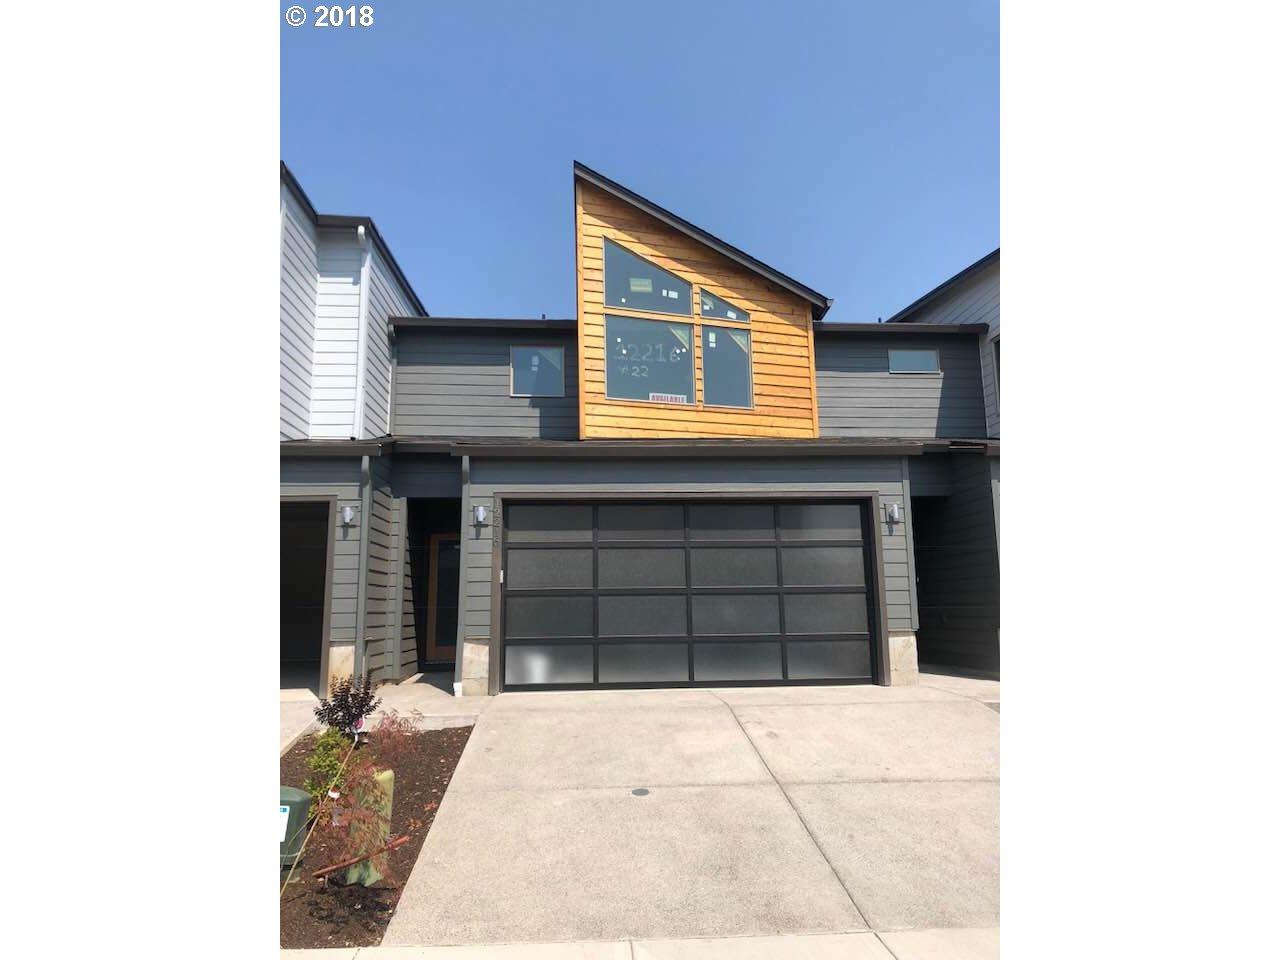 12216 NE 116TH ST Vancouver, WA 98682 - MLS #: 18298972